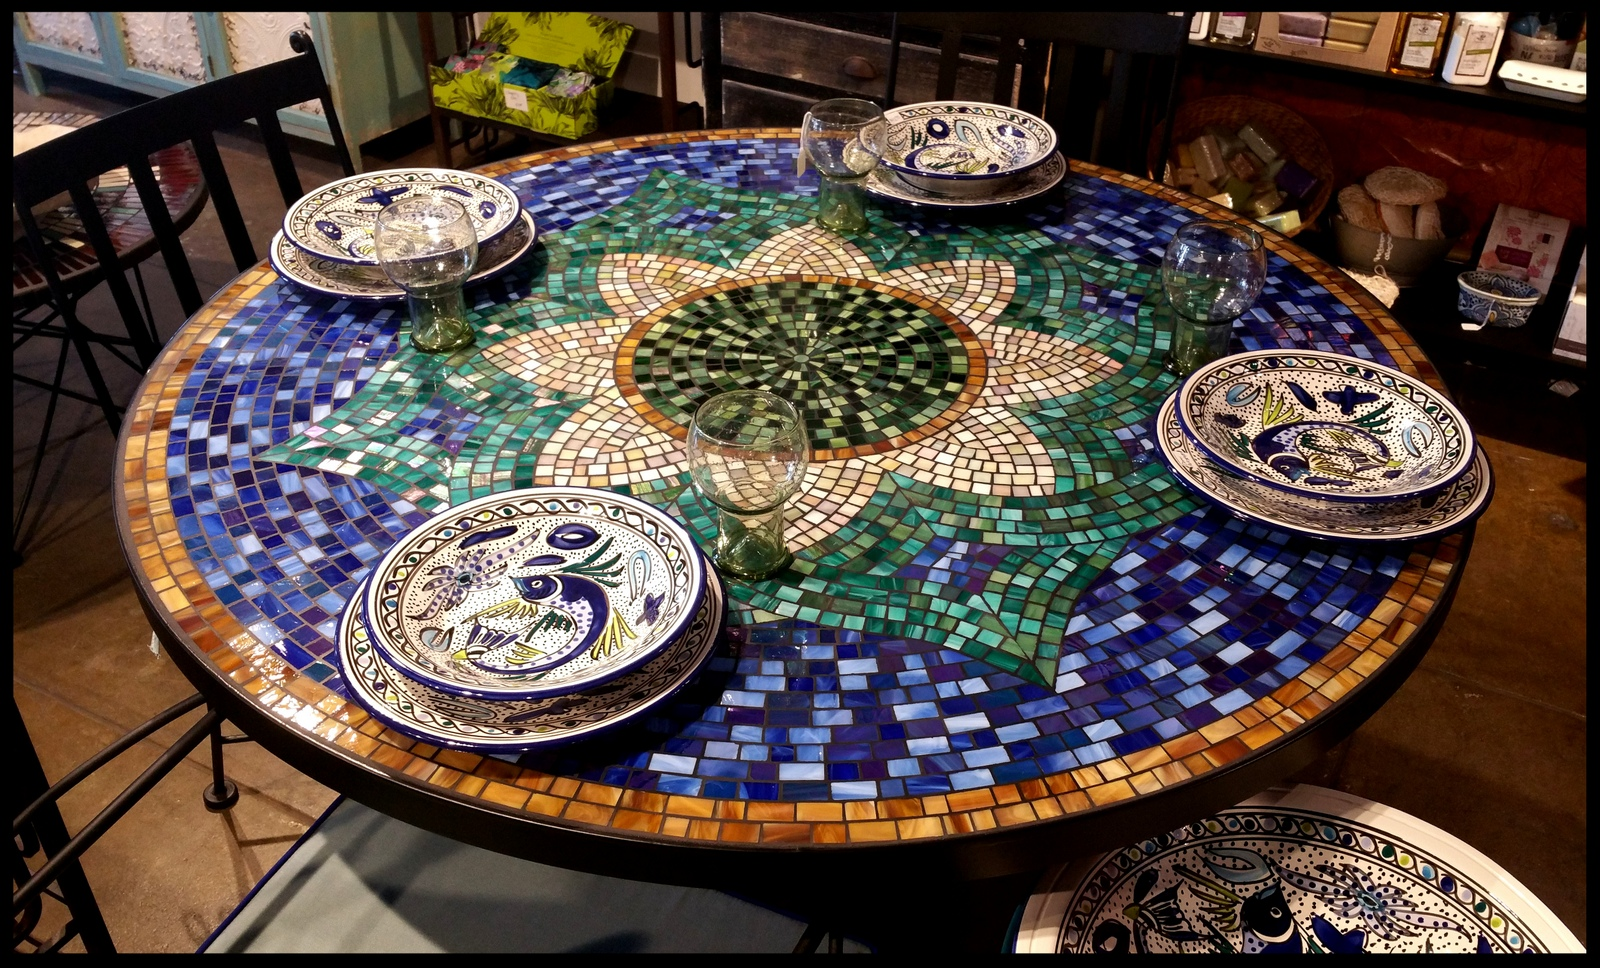 TILE MOSAIC TABLE MALIBU TILE